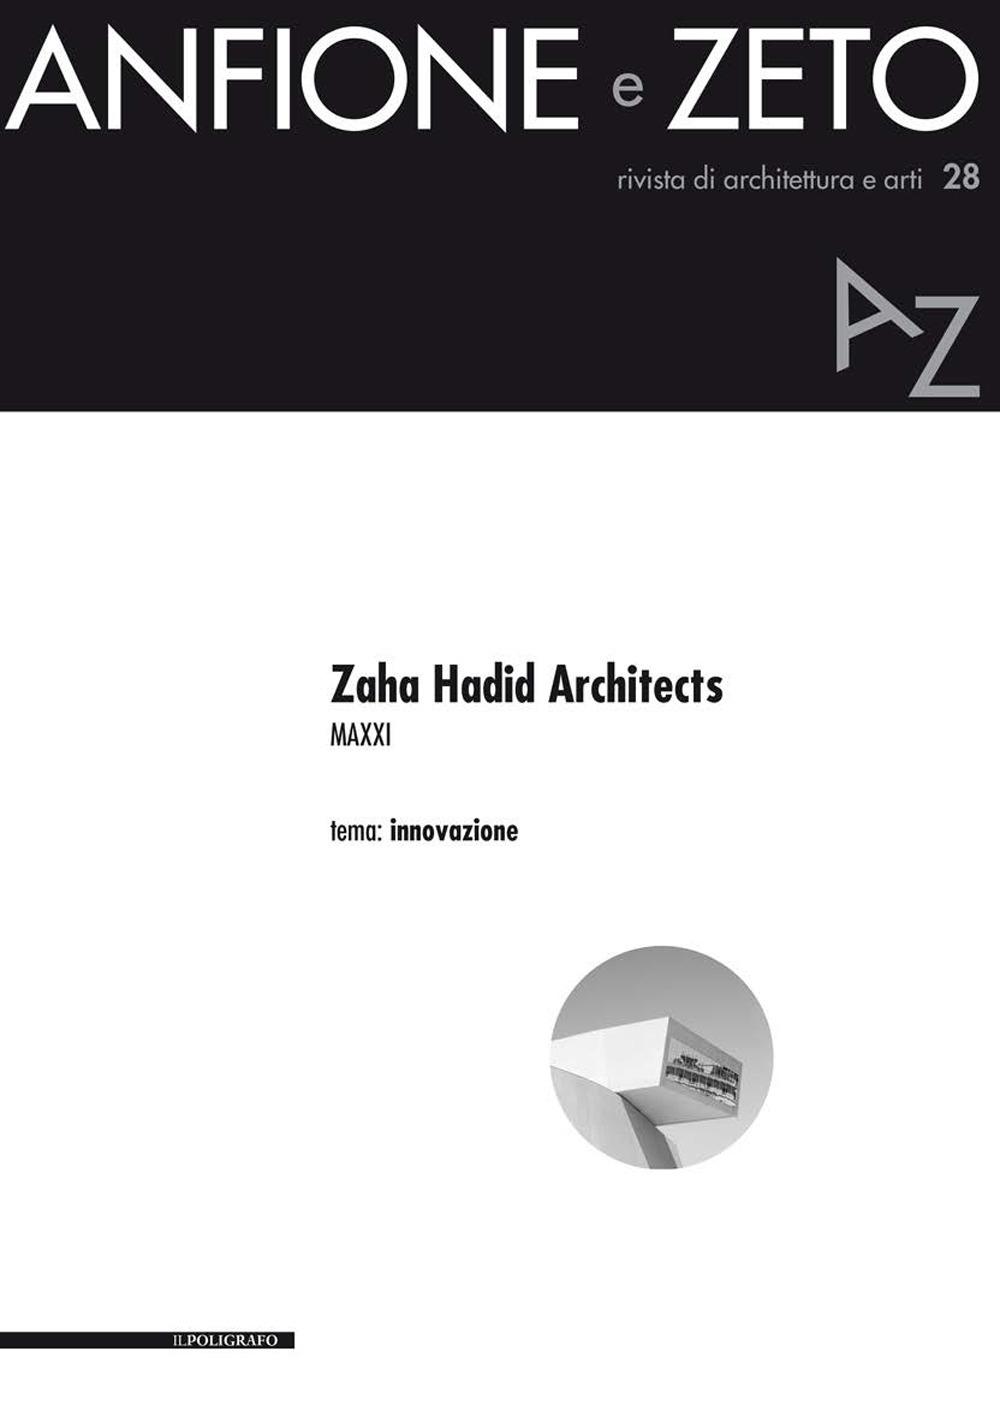 Zaha Hadid Architects. MAXXI. Innovazione